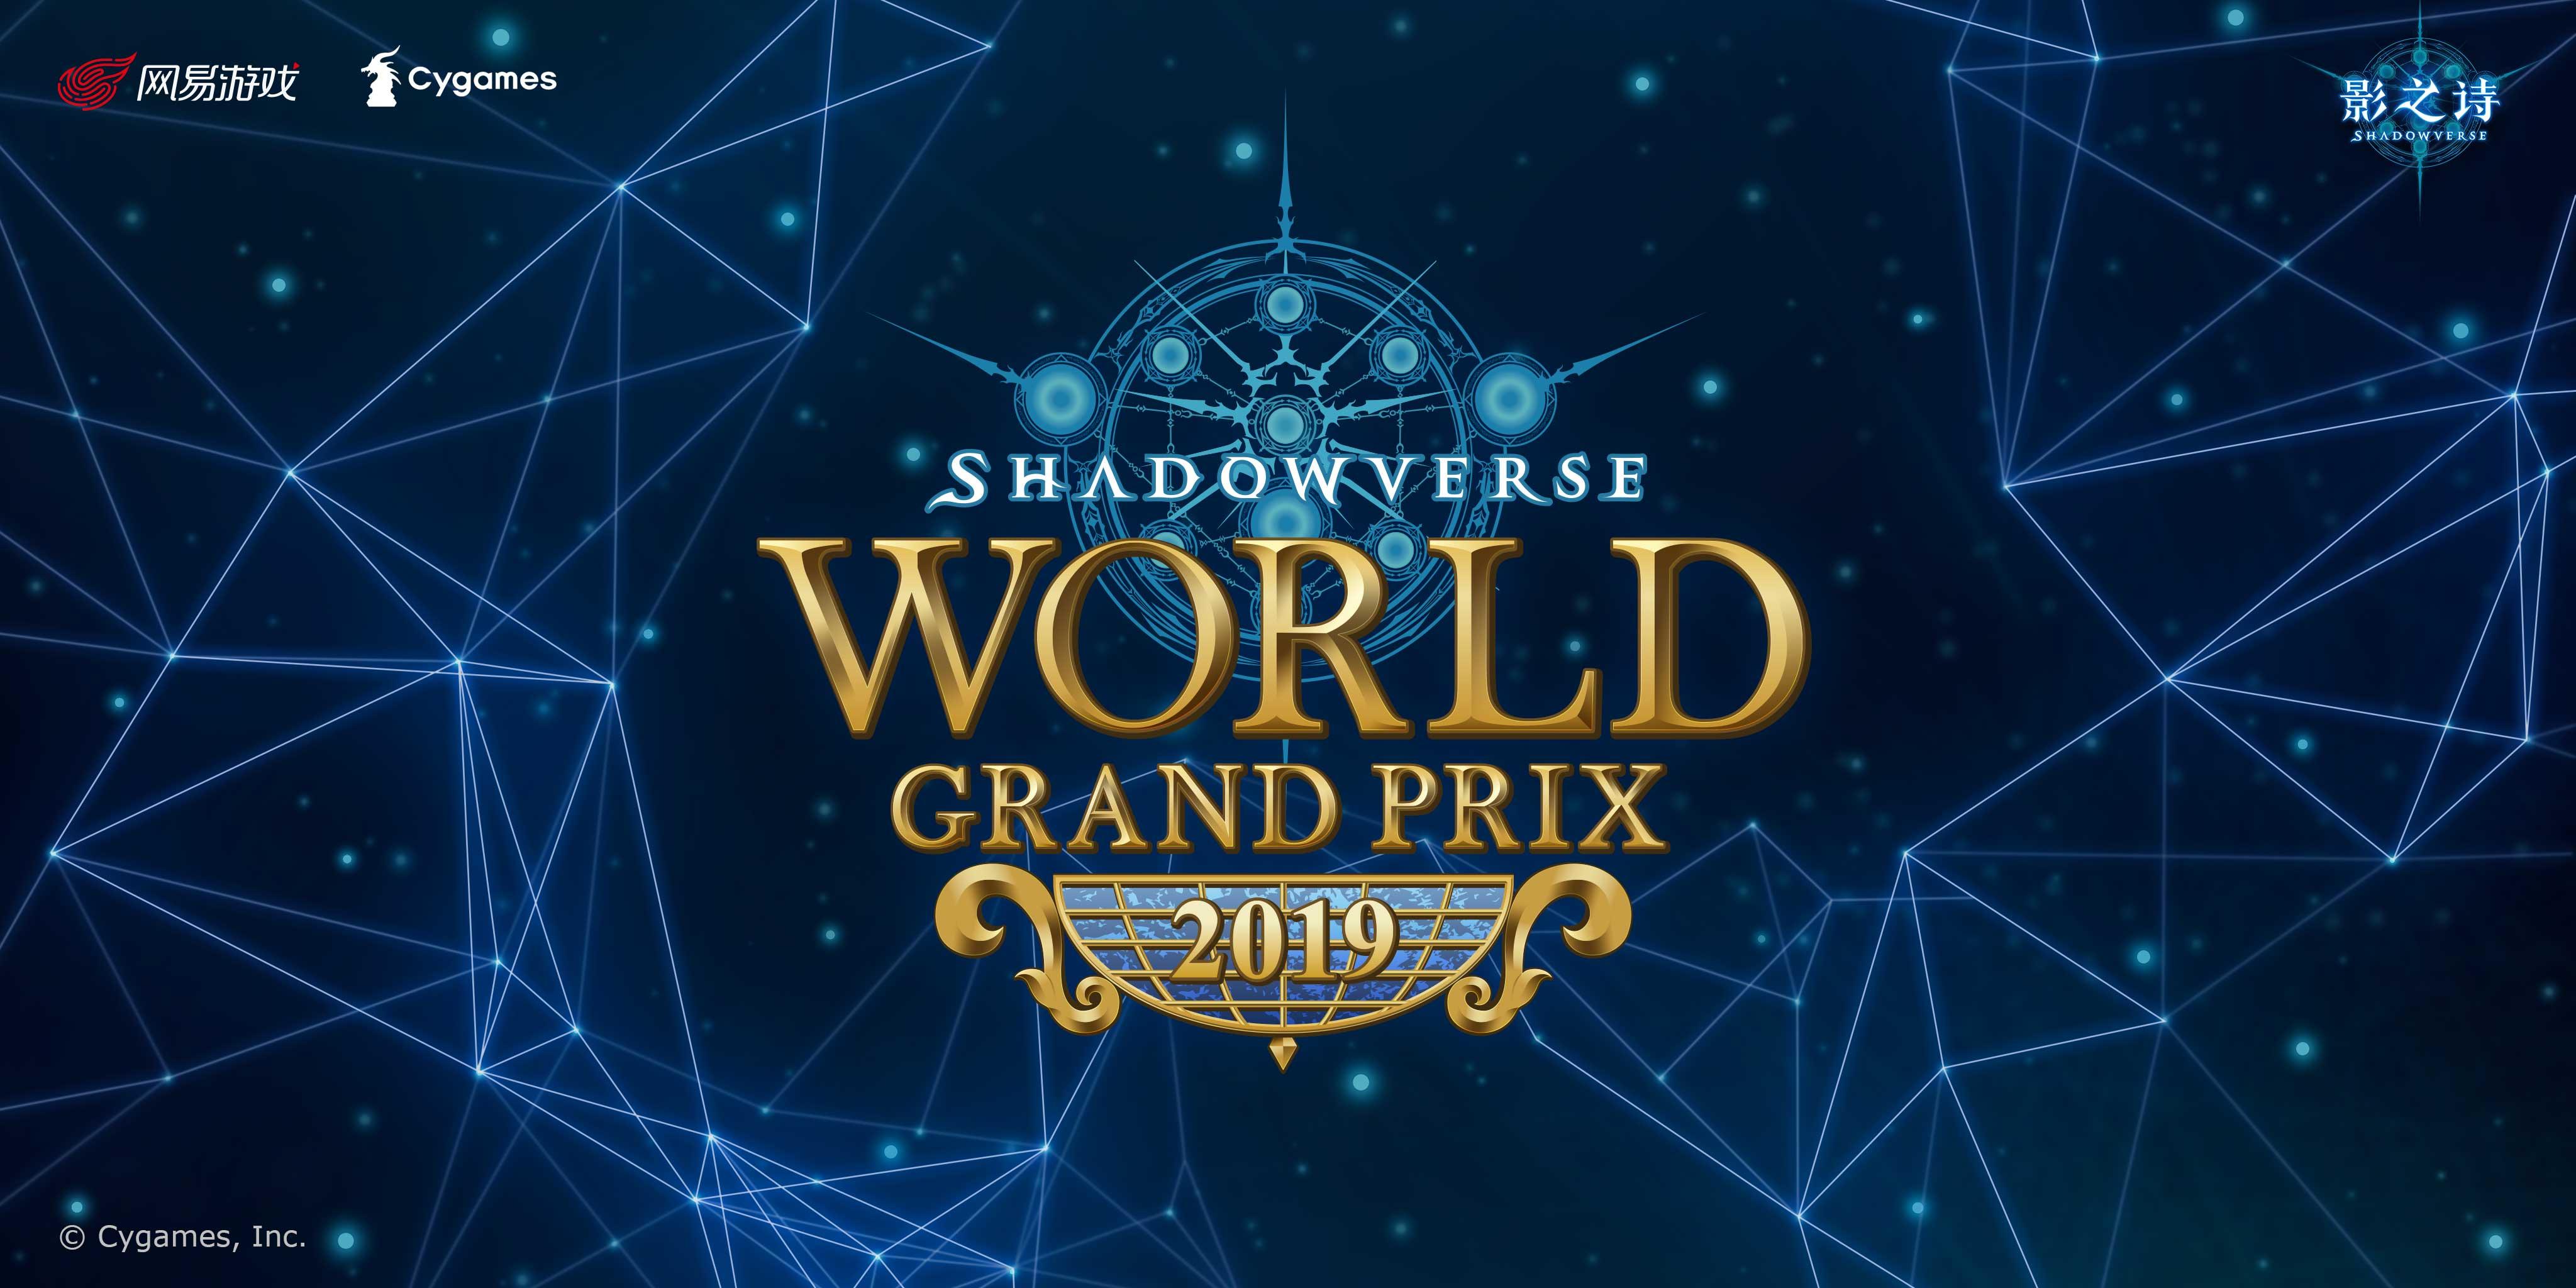 绚丽启幕,荣耀出征!《影之诗》WGP2019世界大赛今日开赛!